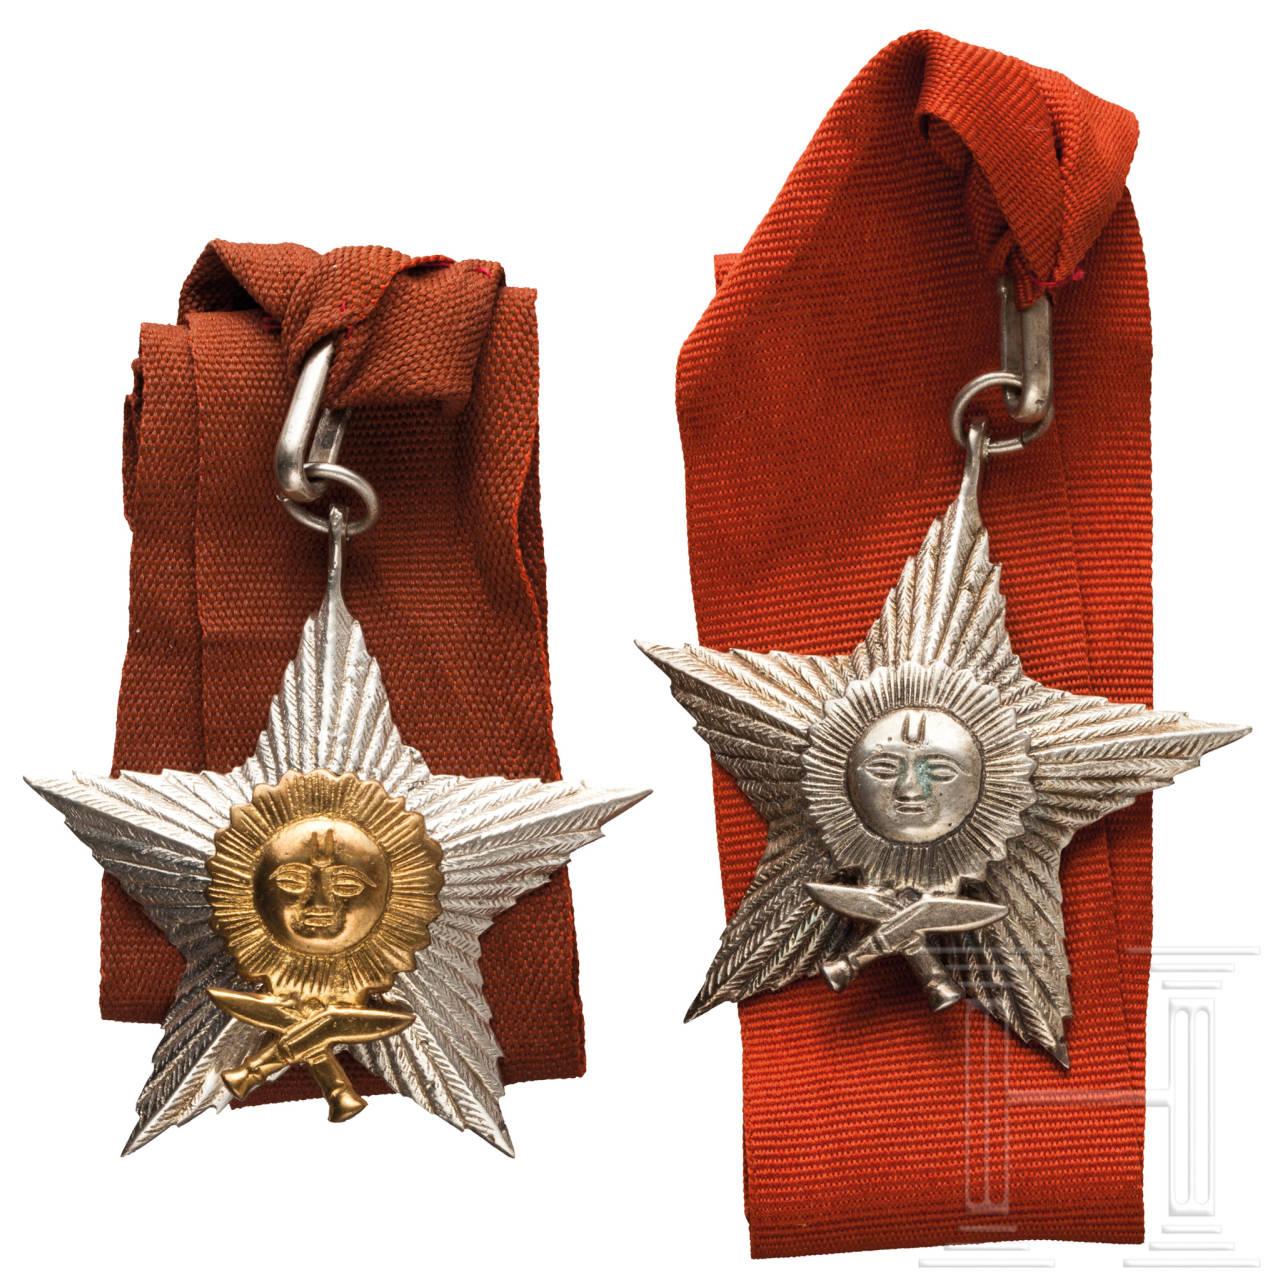 Nepalesischer Orden der Rechten Hand des Gurkha (Gorkha-Dakshina Bahu) - Offizier- und Ritterdekoration